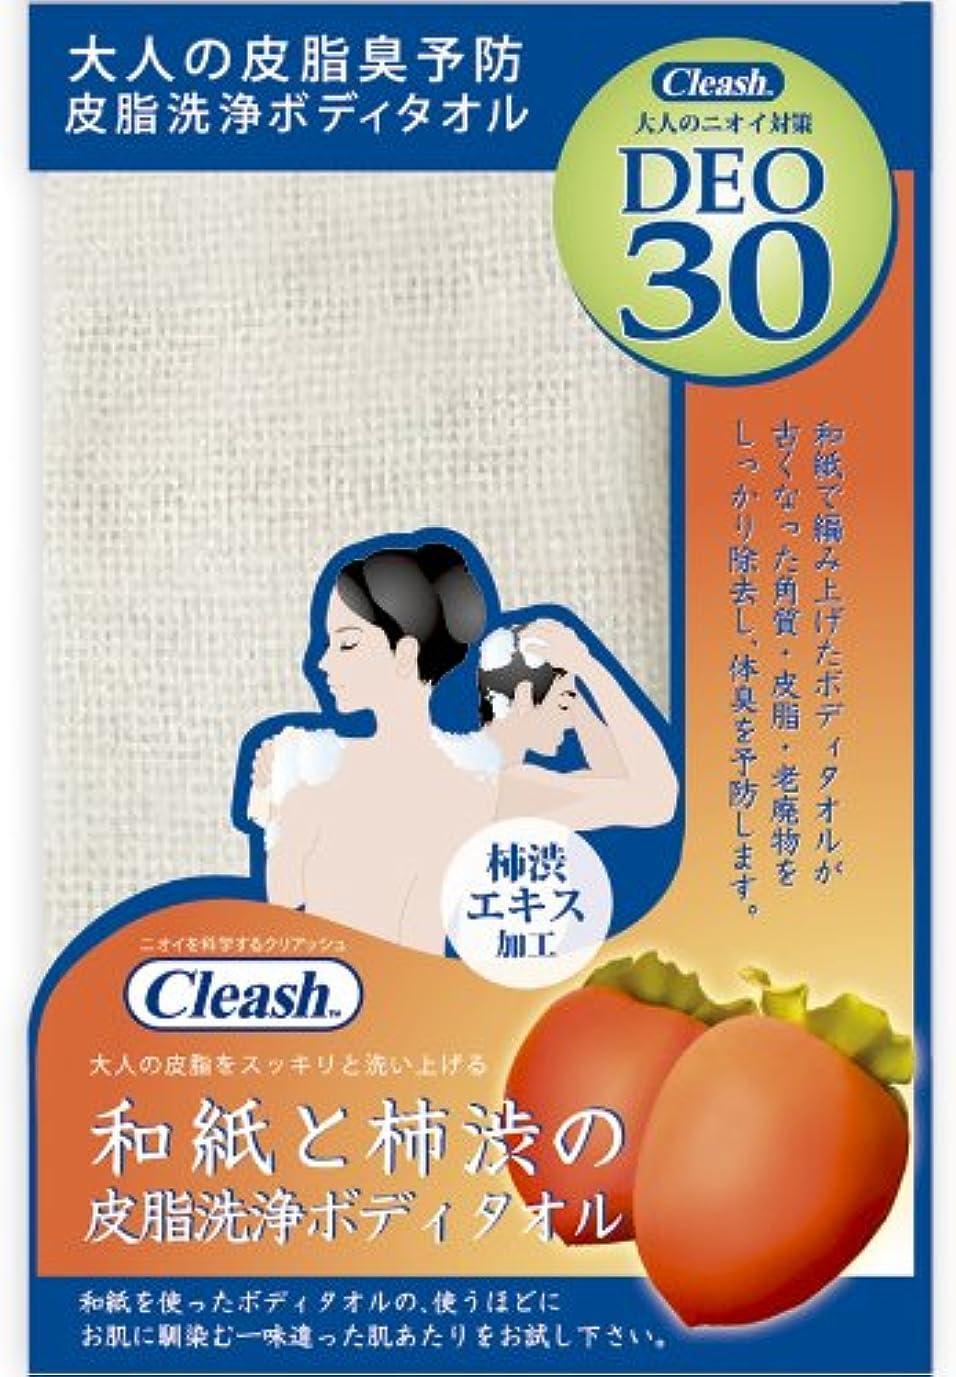 一人で拒否クルークリアッシュ™ デオサーティー 和紙と柿渋の皮脂洗浄ボディタオル